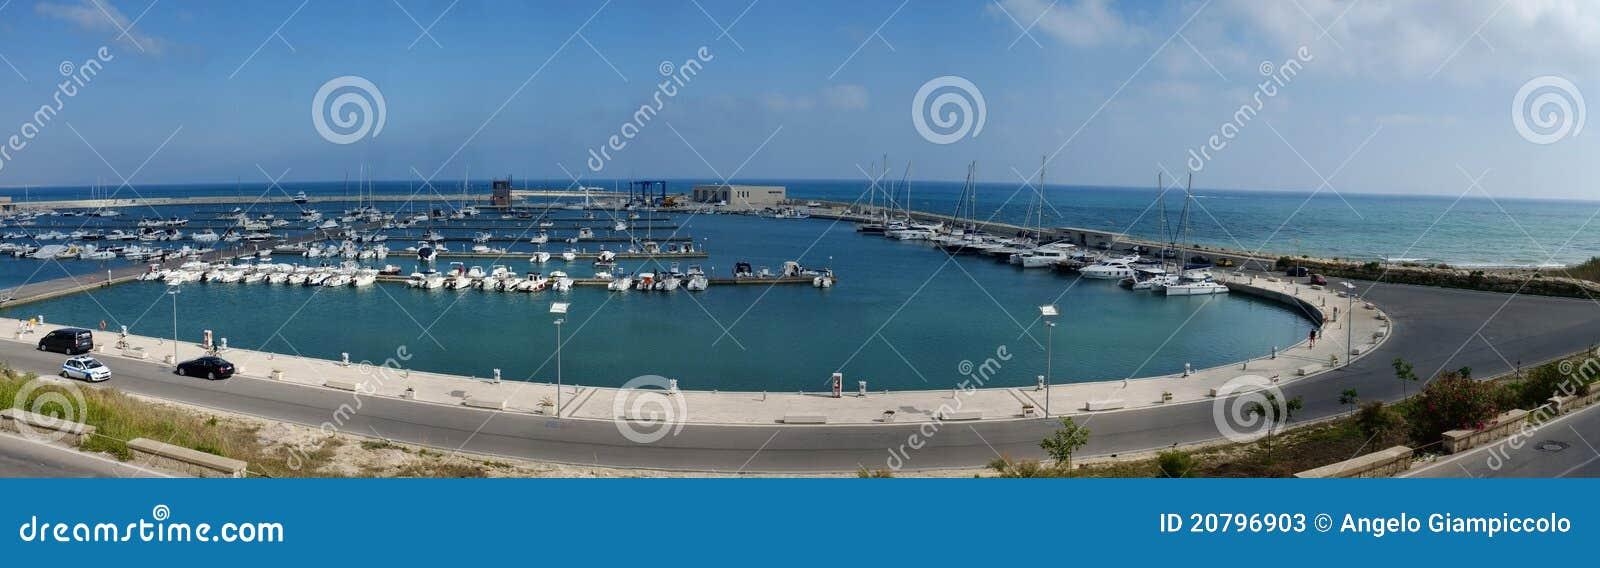 Italië, Siciliy, Middellandse Zee, jachthaven